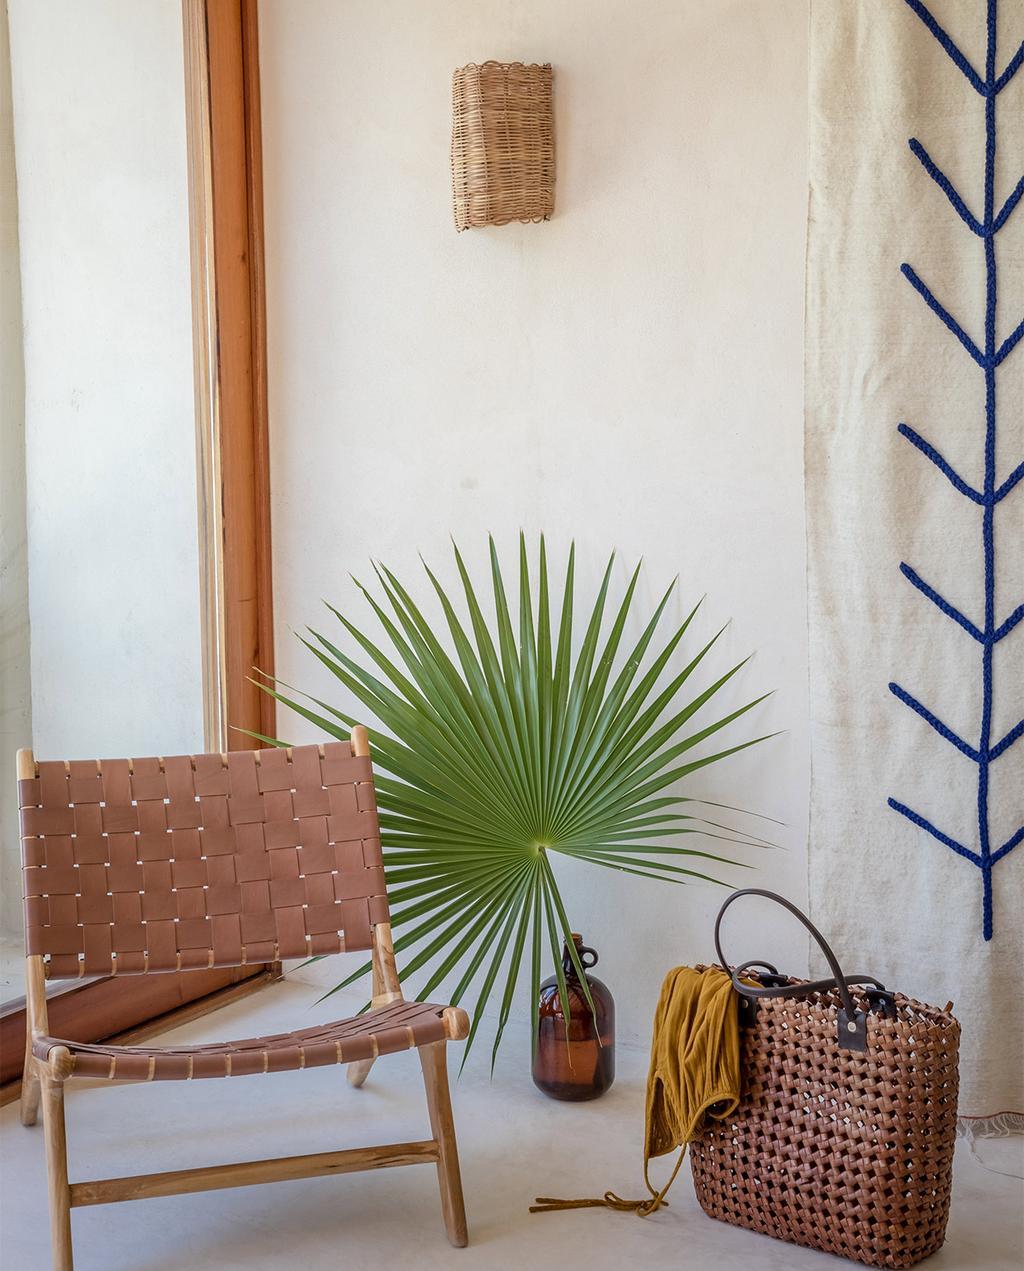 vtwonen special zomerhuizen 07-2021 | bloempot met bladeren